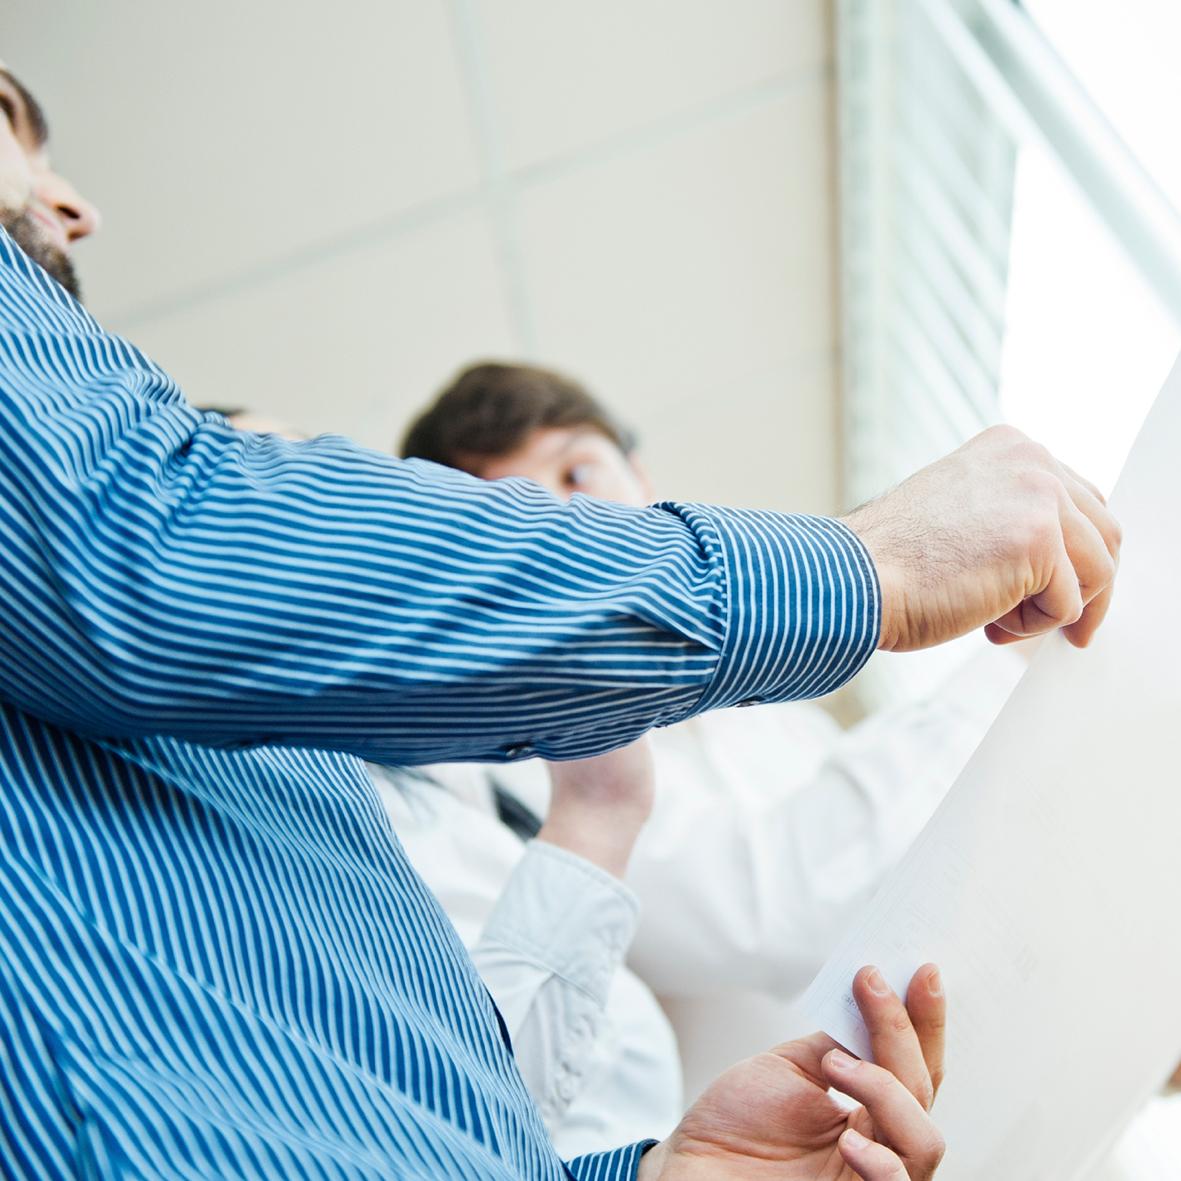 KONZEPT    Im engen Dialog mit unseren Kunden entwickeln wir Konzepte, die Ihrem Unternehmen helfen, Ihre Wunschzielgruppe zu erreichen.     >m   ehr Informationen